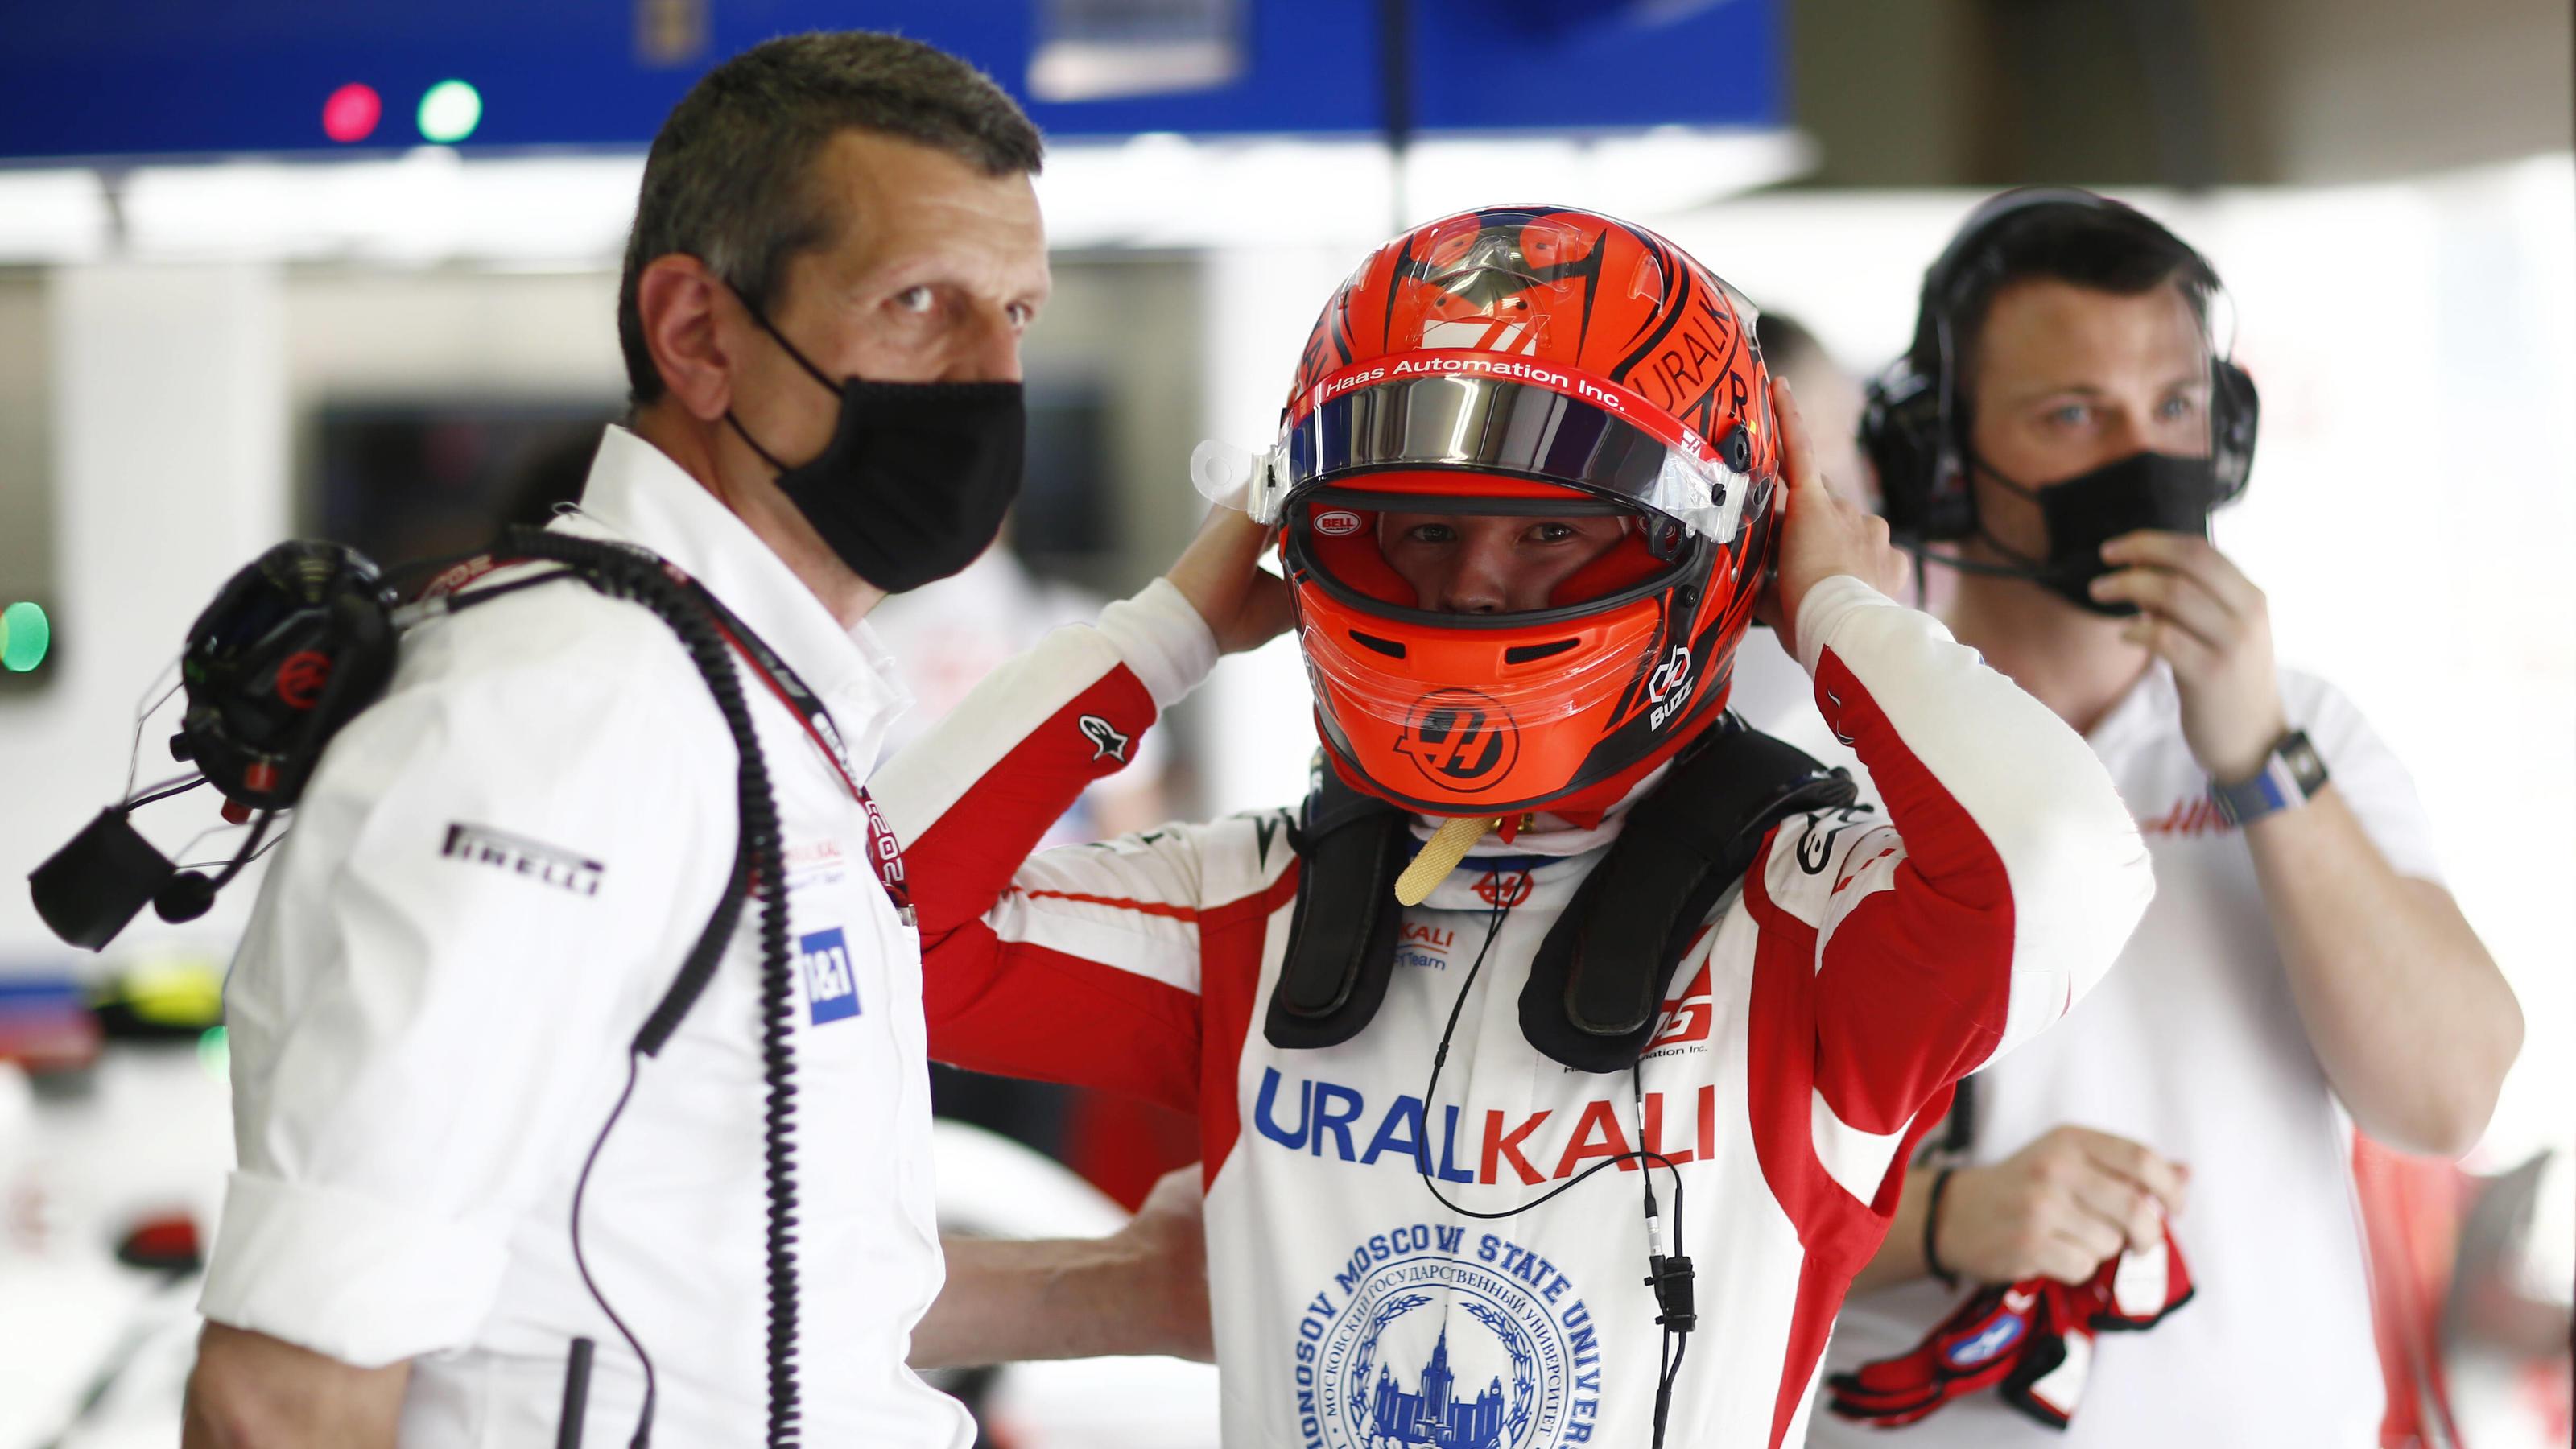 Formel 1: Mazepin-Manöver gegen Mick Schumacher, Günther Steiner spricht Klartext - exklusives RTL-Interview